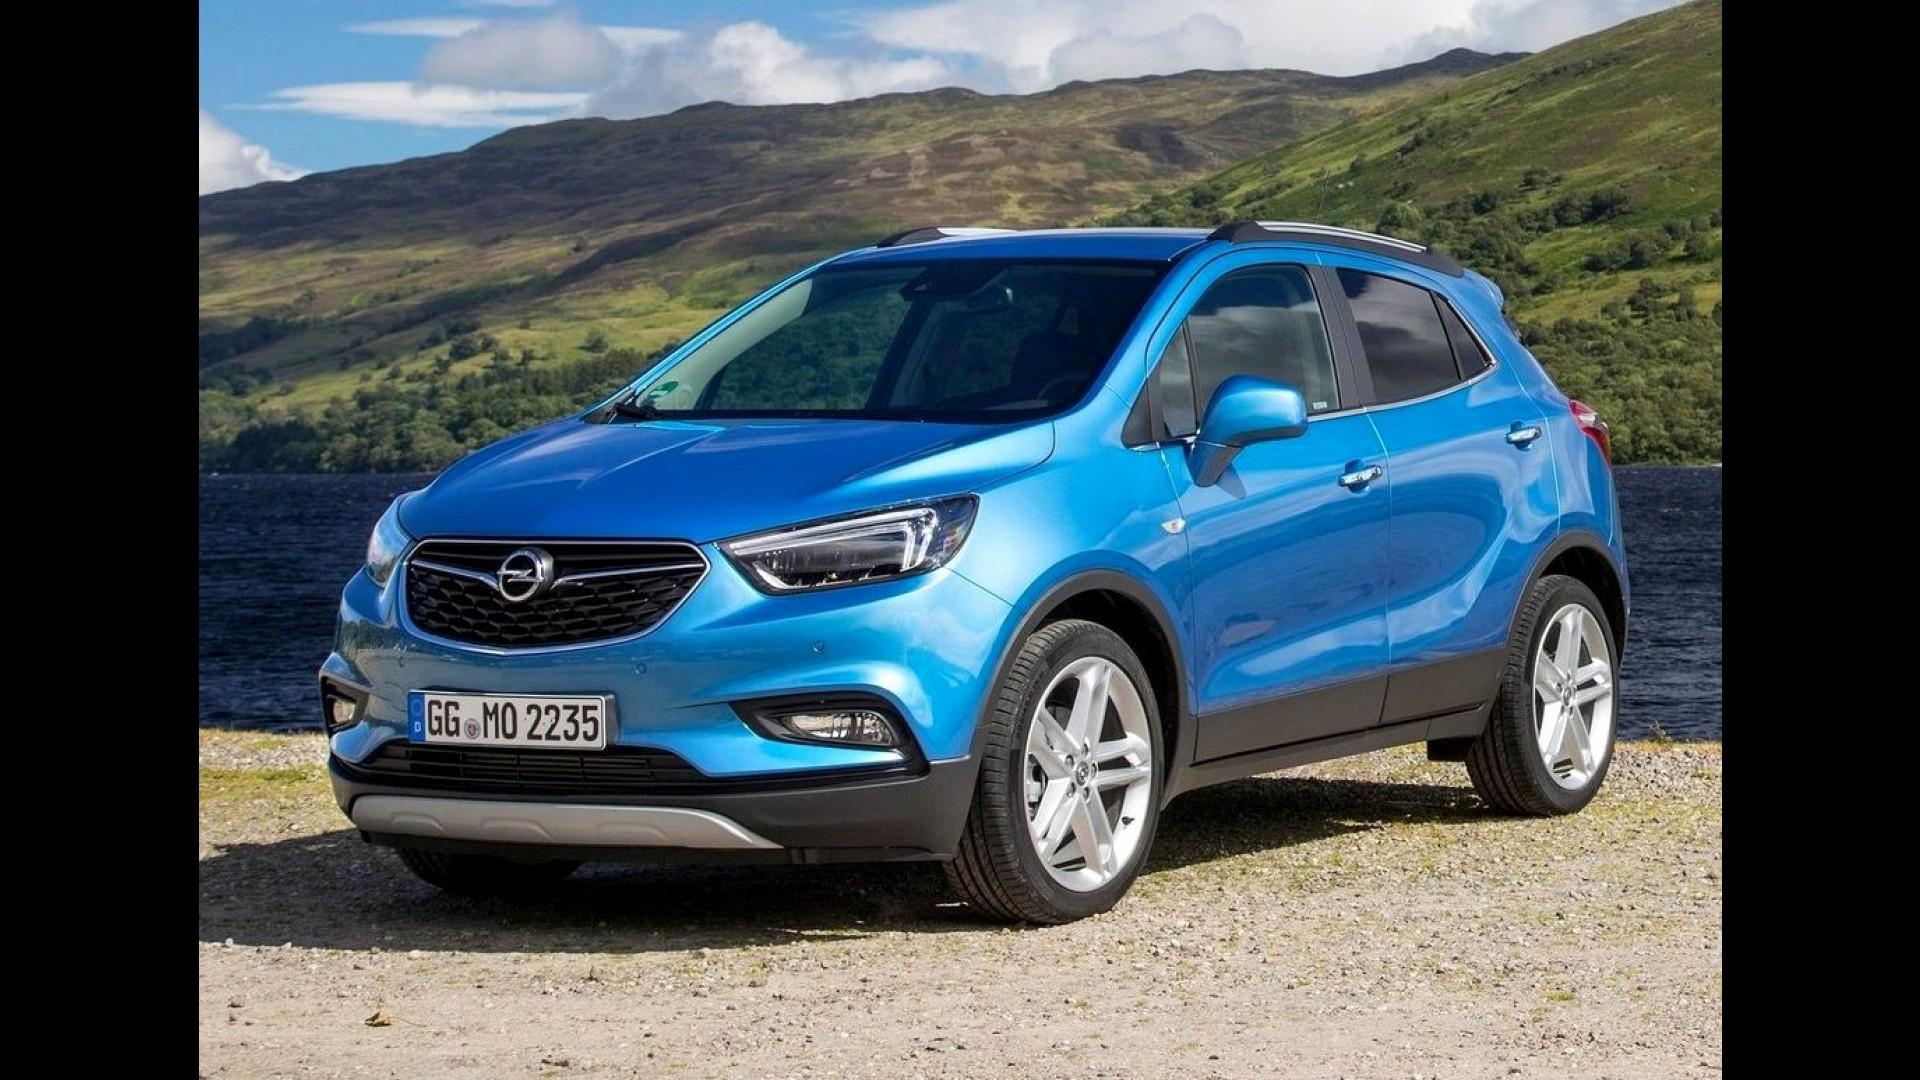 Irmao Do Tracker Opel Mokka X Reestilizado Comeca A Ser Vendido Na Europa